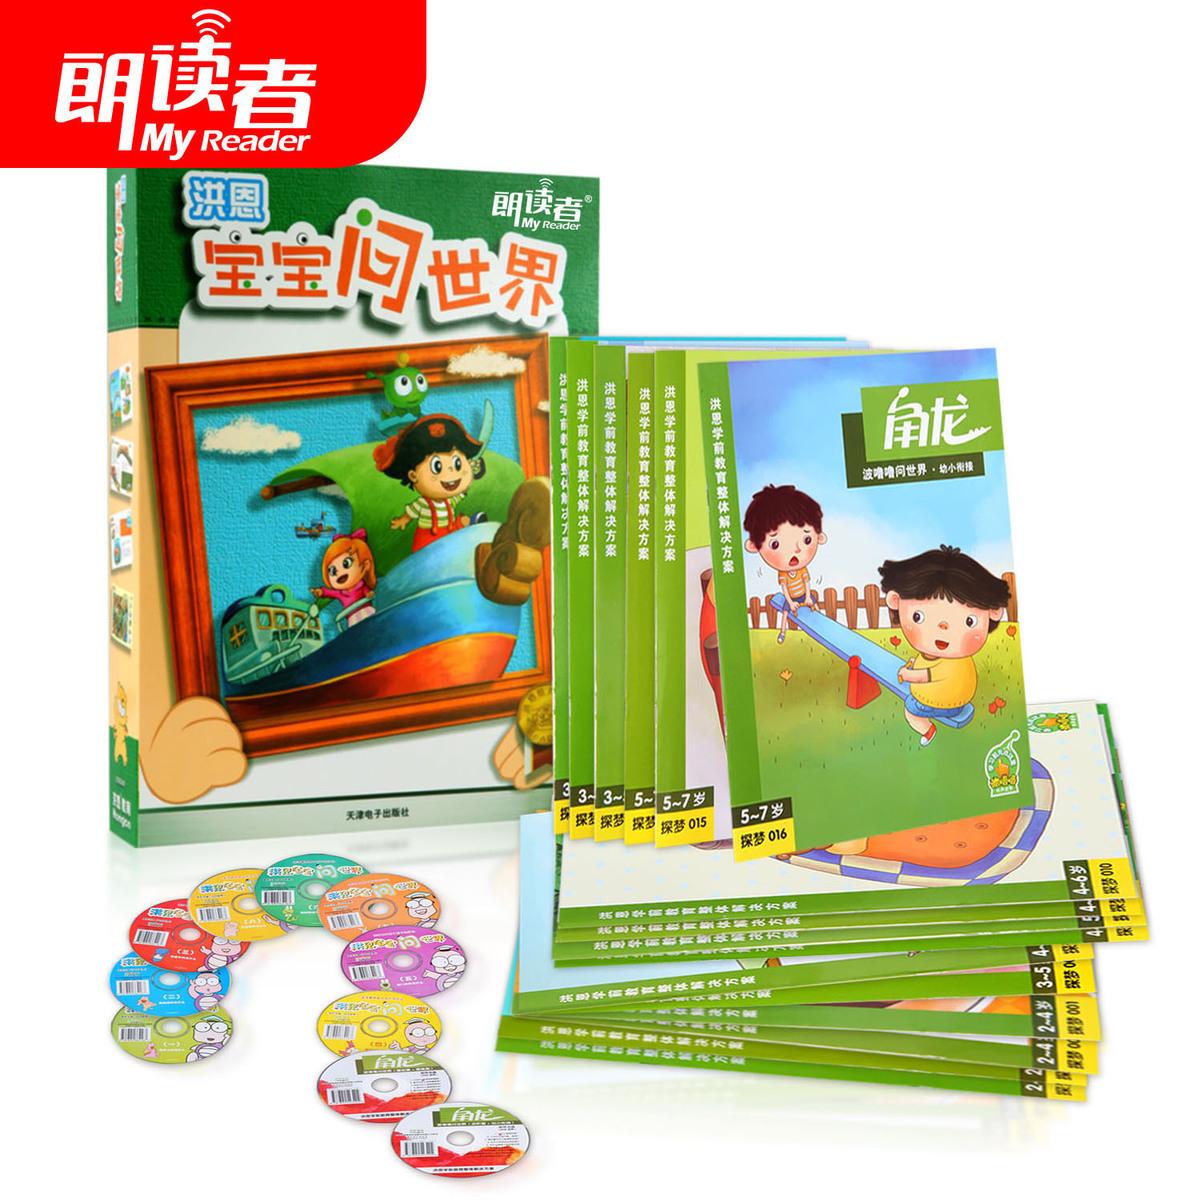 公司授权 洪恩点读笔配套有声教材 宝宝问世界 十万个为什么图书